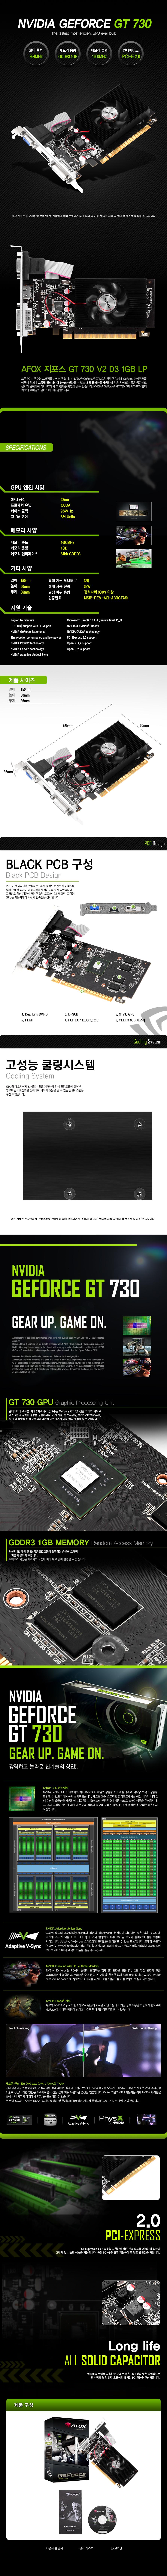 AFOX 지포스 GT730 V2 D3 1GB LP.jpg